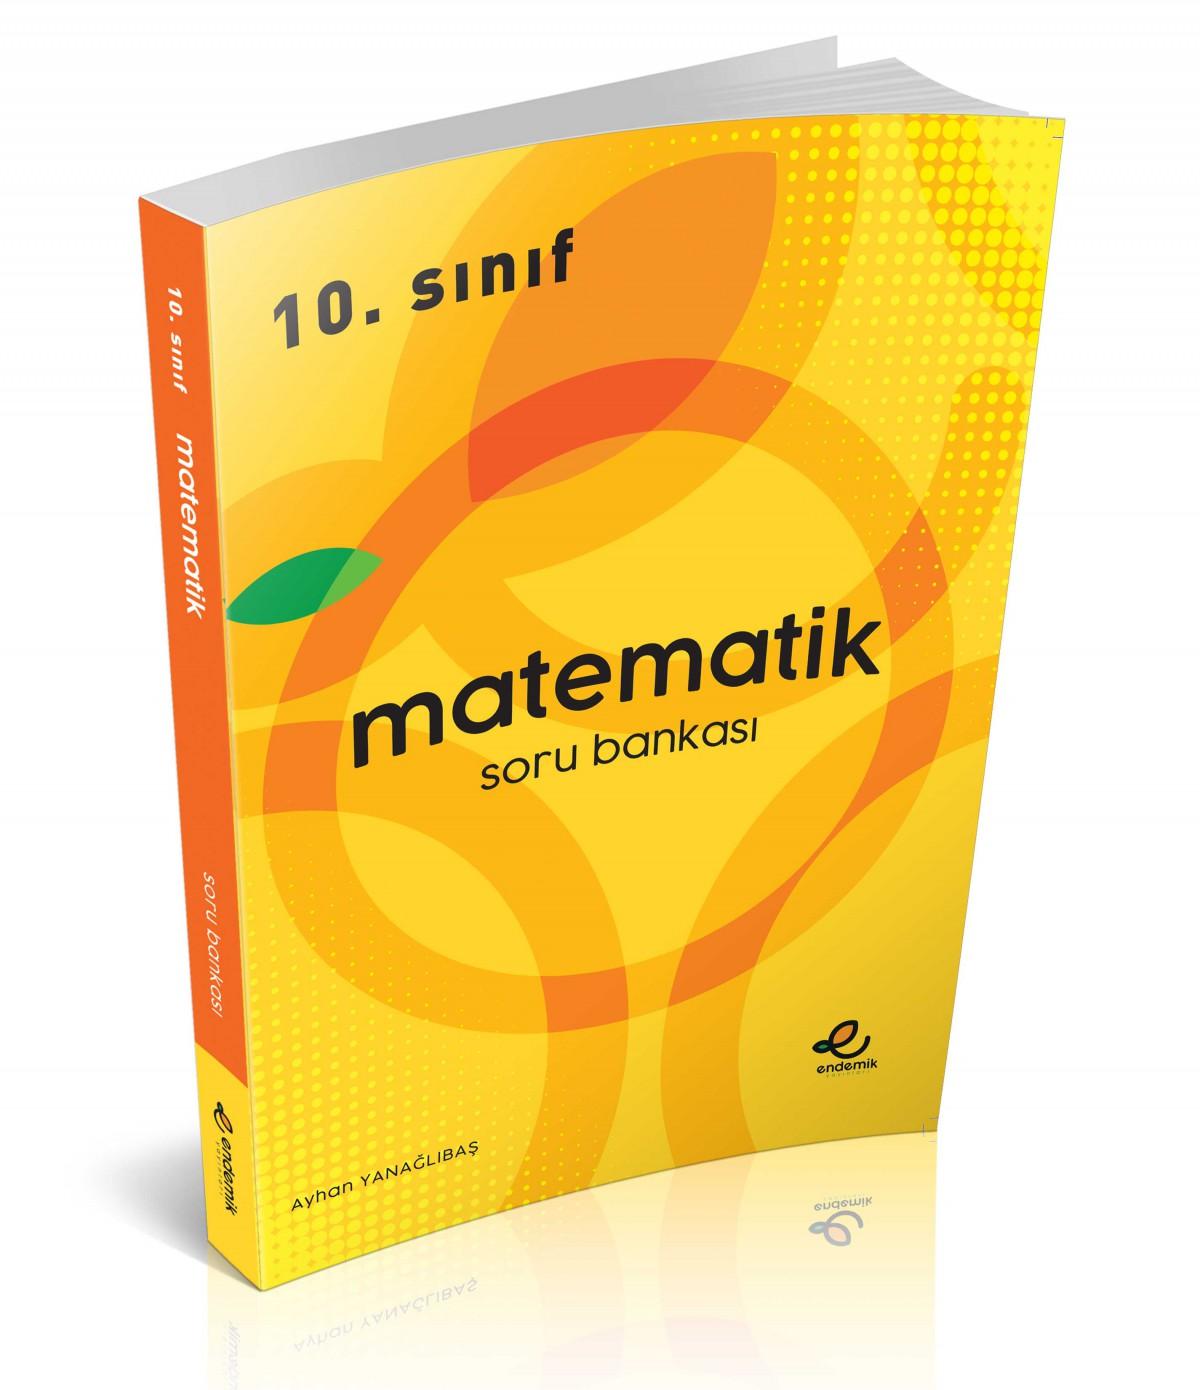 10.Sınıf Matematik Soru Bankası - Endemik